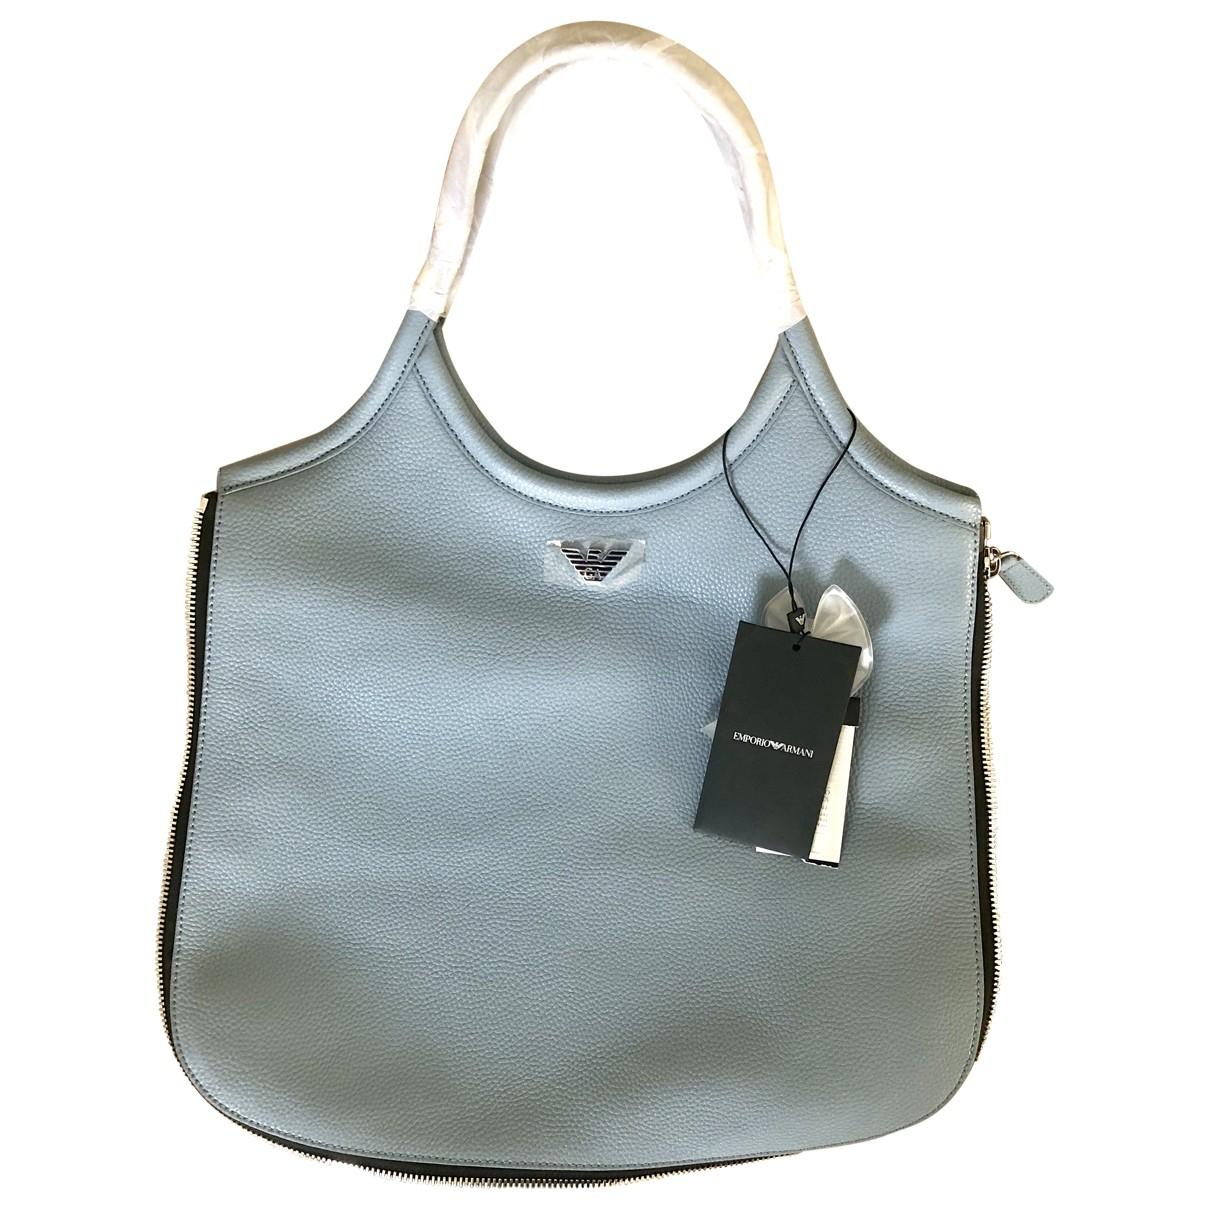 Emporio Armani \N Blue Leather handbag for Women \N